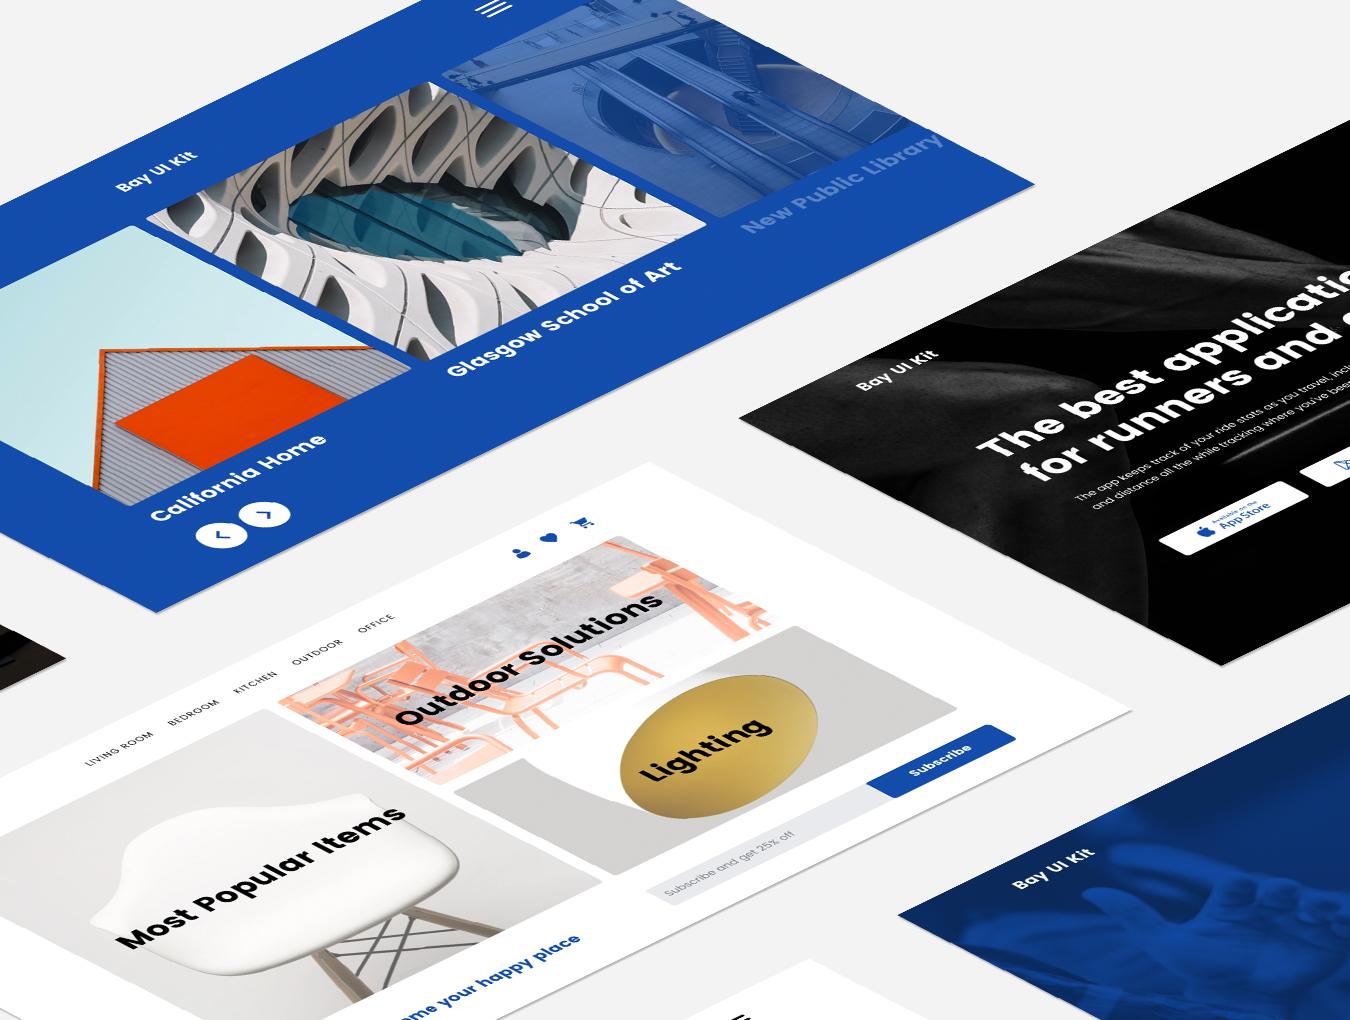 现代简约摄影设计工作室WEB网站UI界面设计模板 Bay UI Kit插图(5)